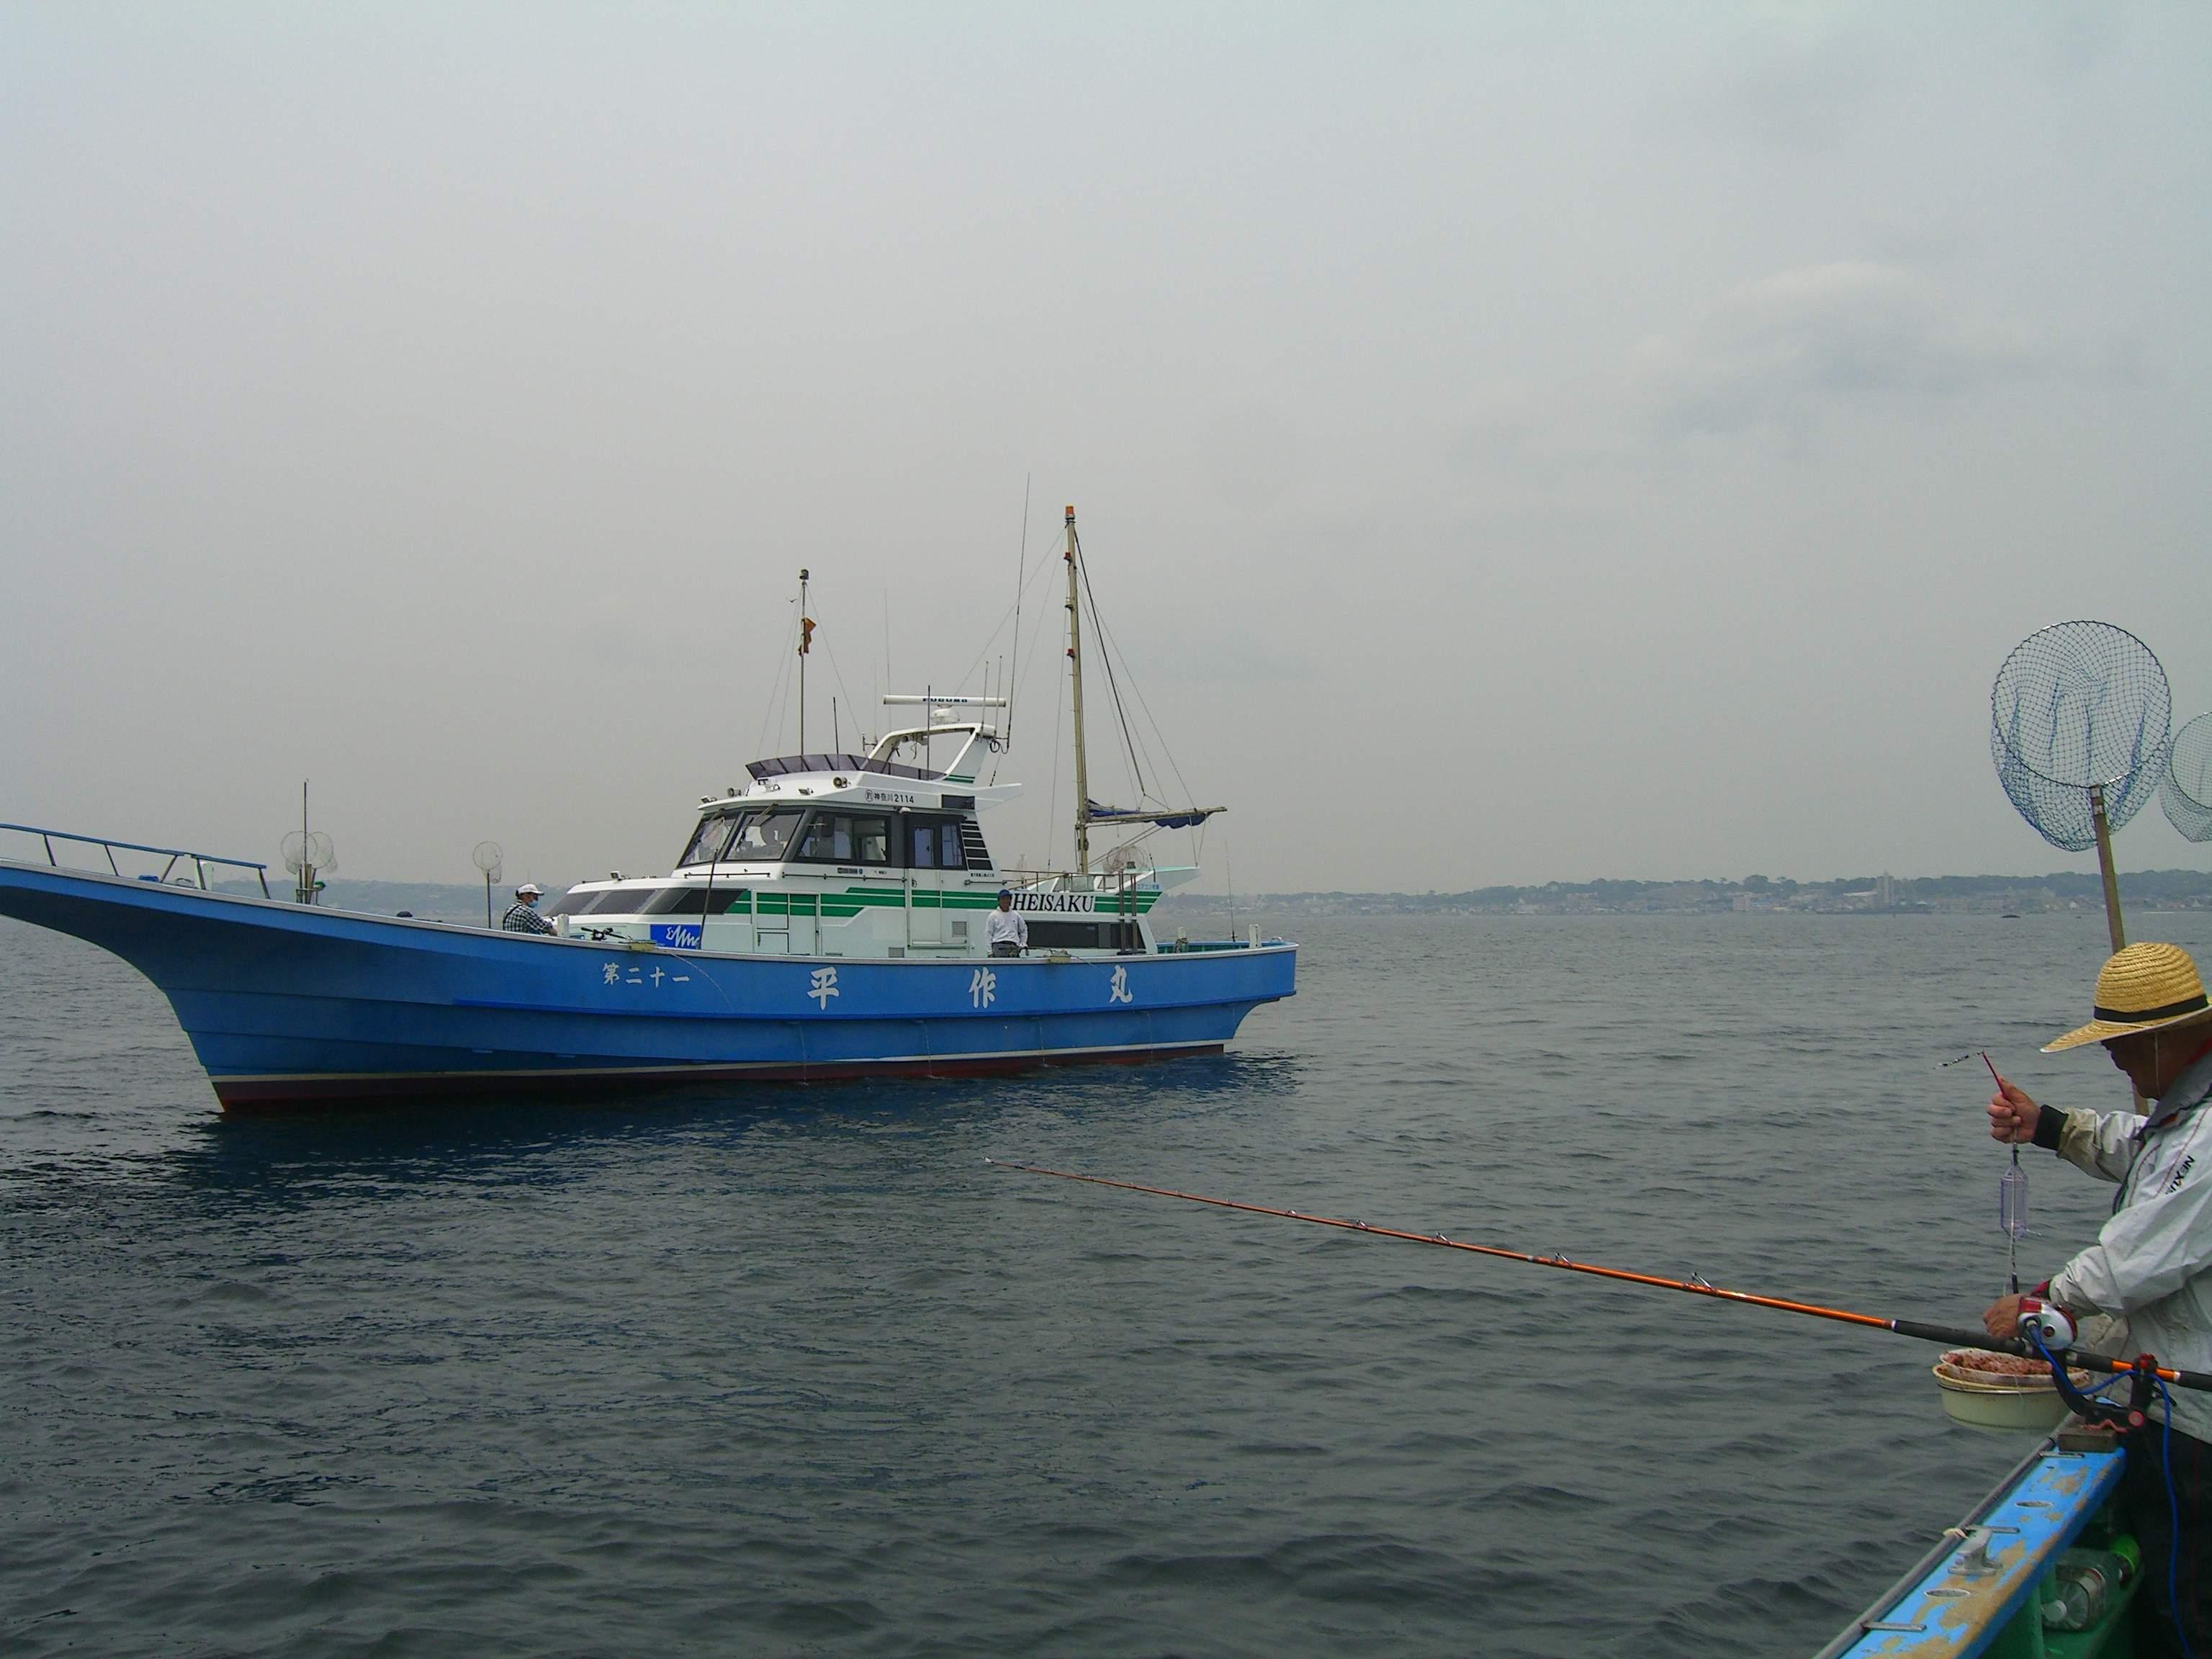 久里浜 黒川 丸